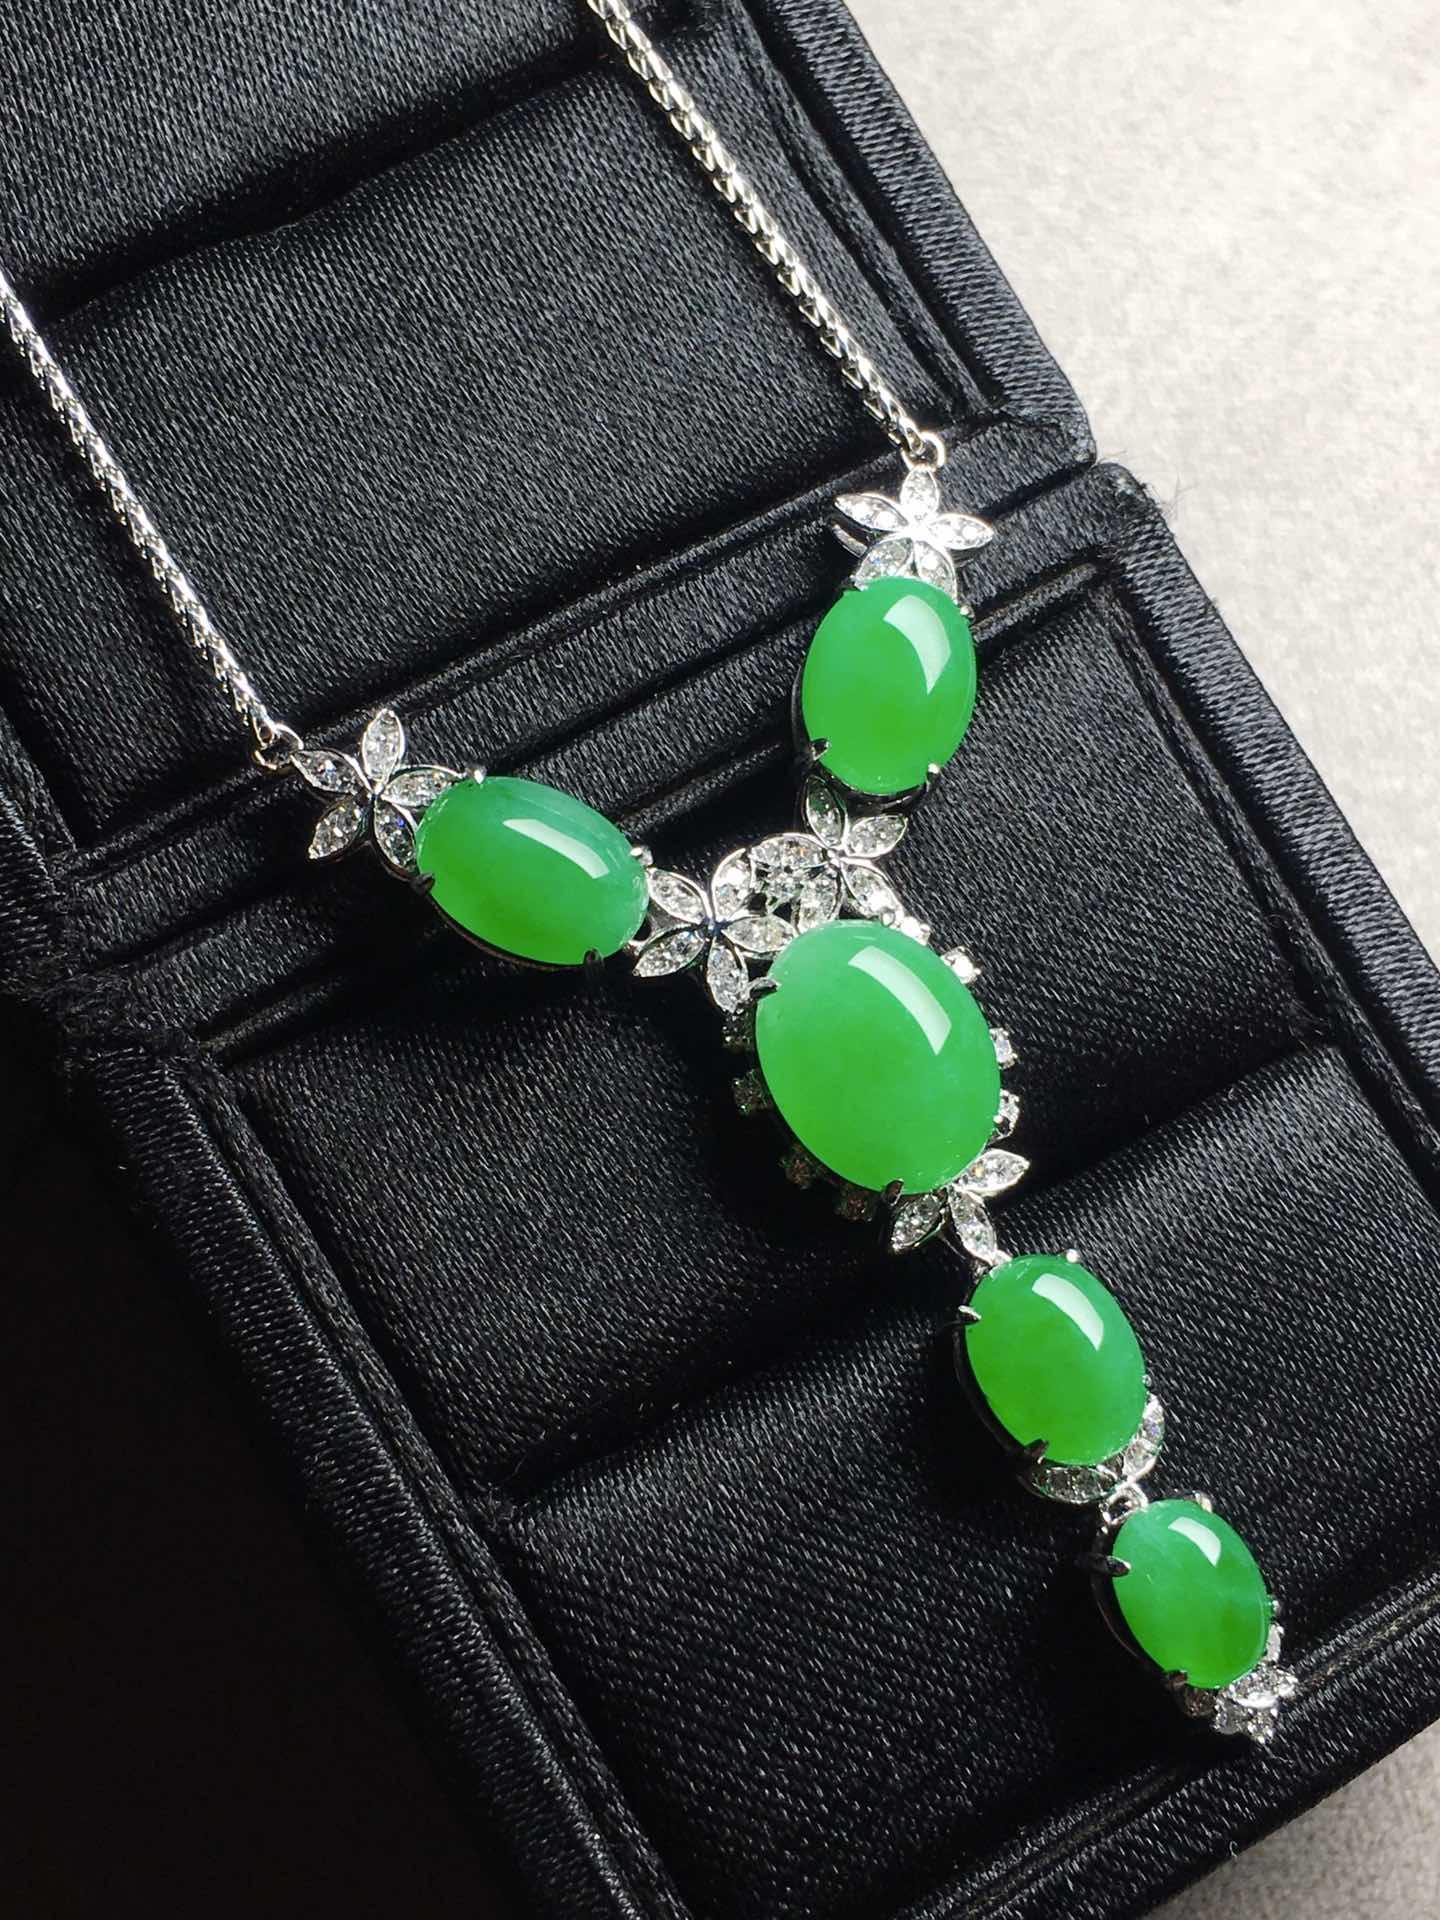 冰阳绿蛋面锁骨项链,裸石大:11-8.8-5,小:7.1-5.6-4第5张